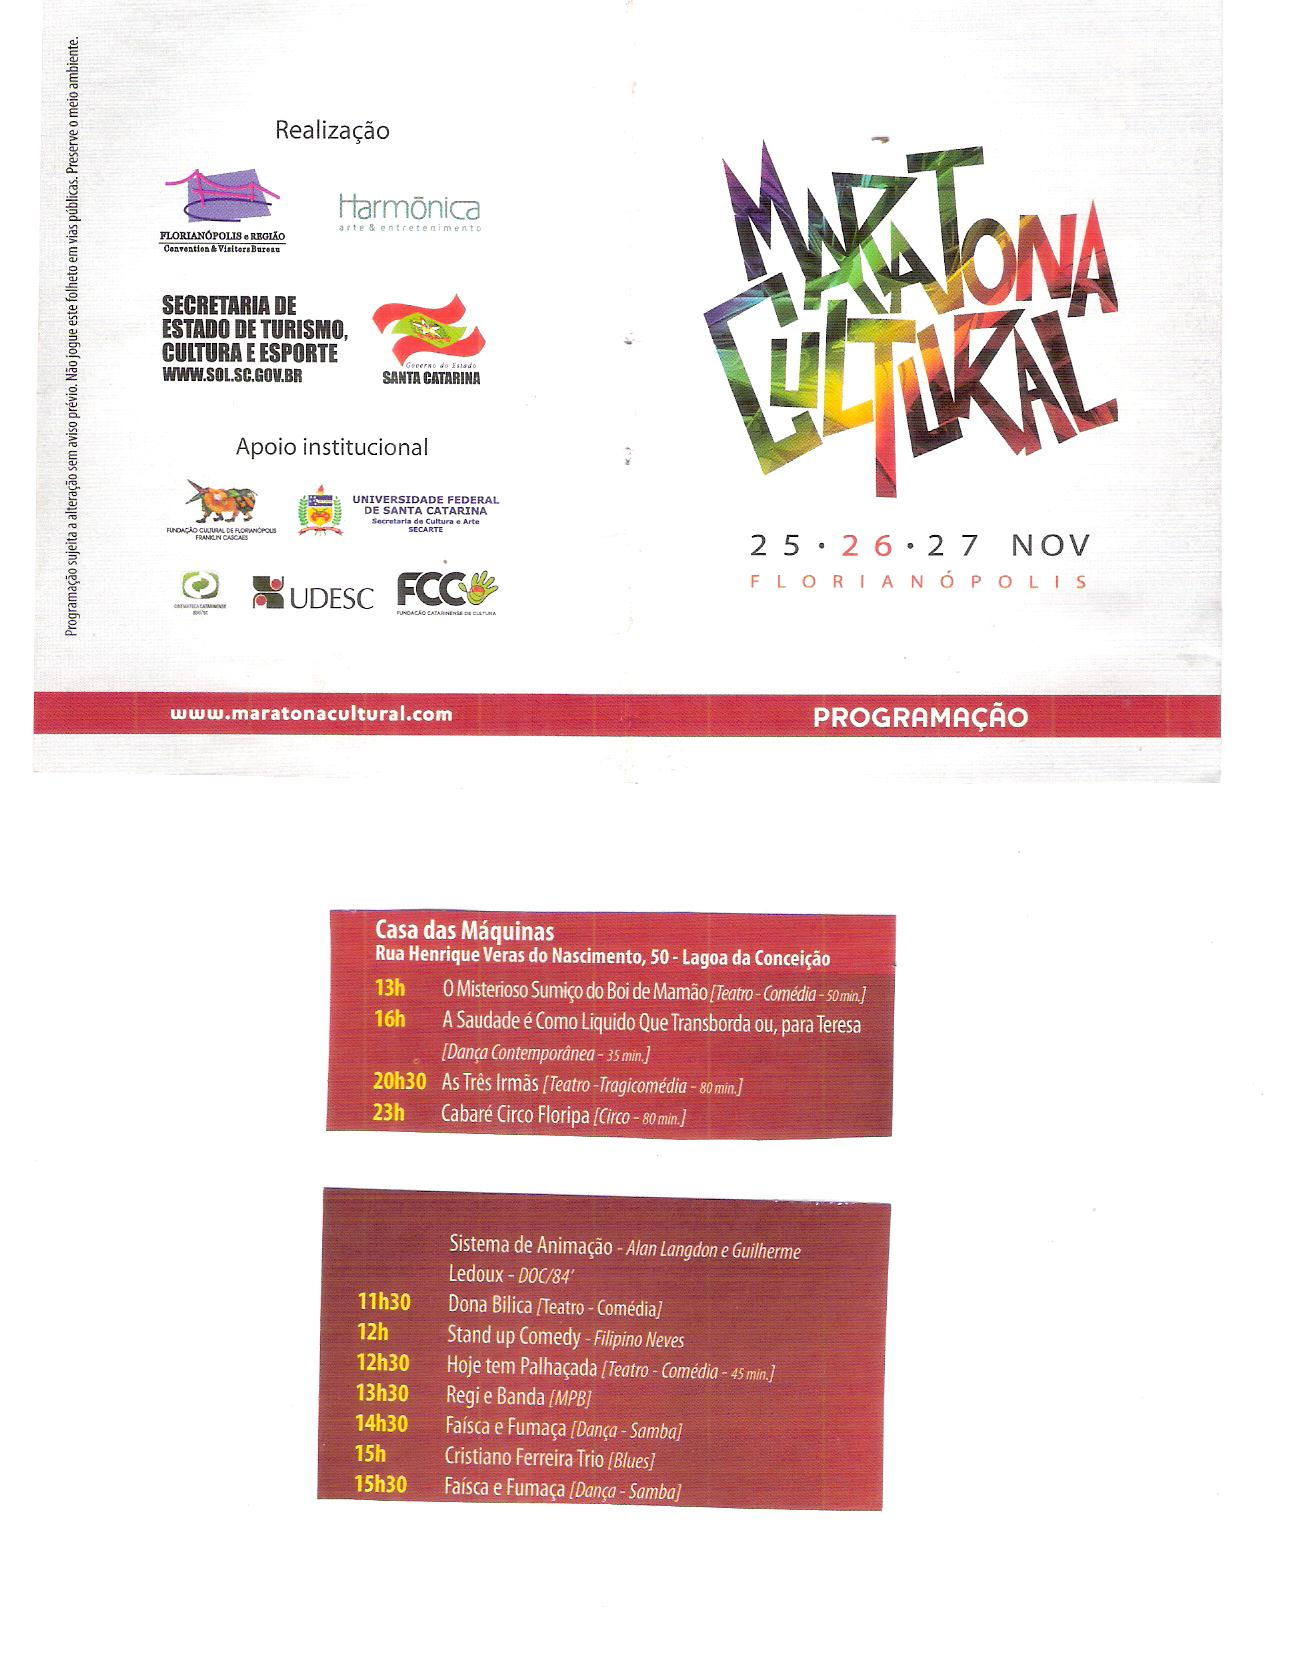 Maratona Cultural 2011